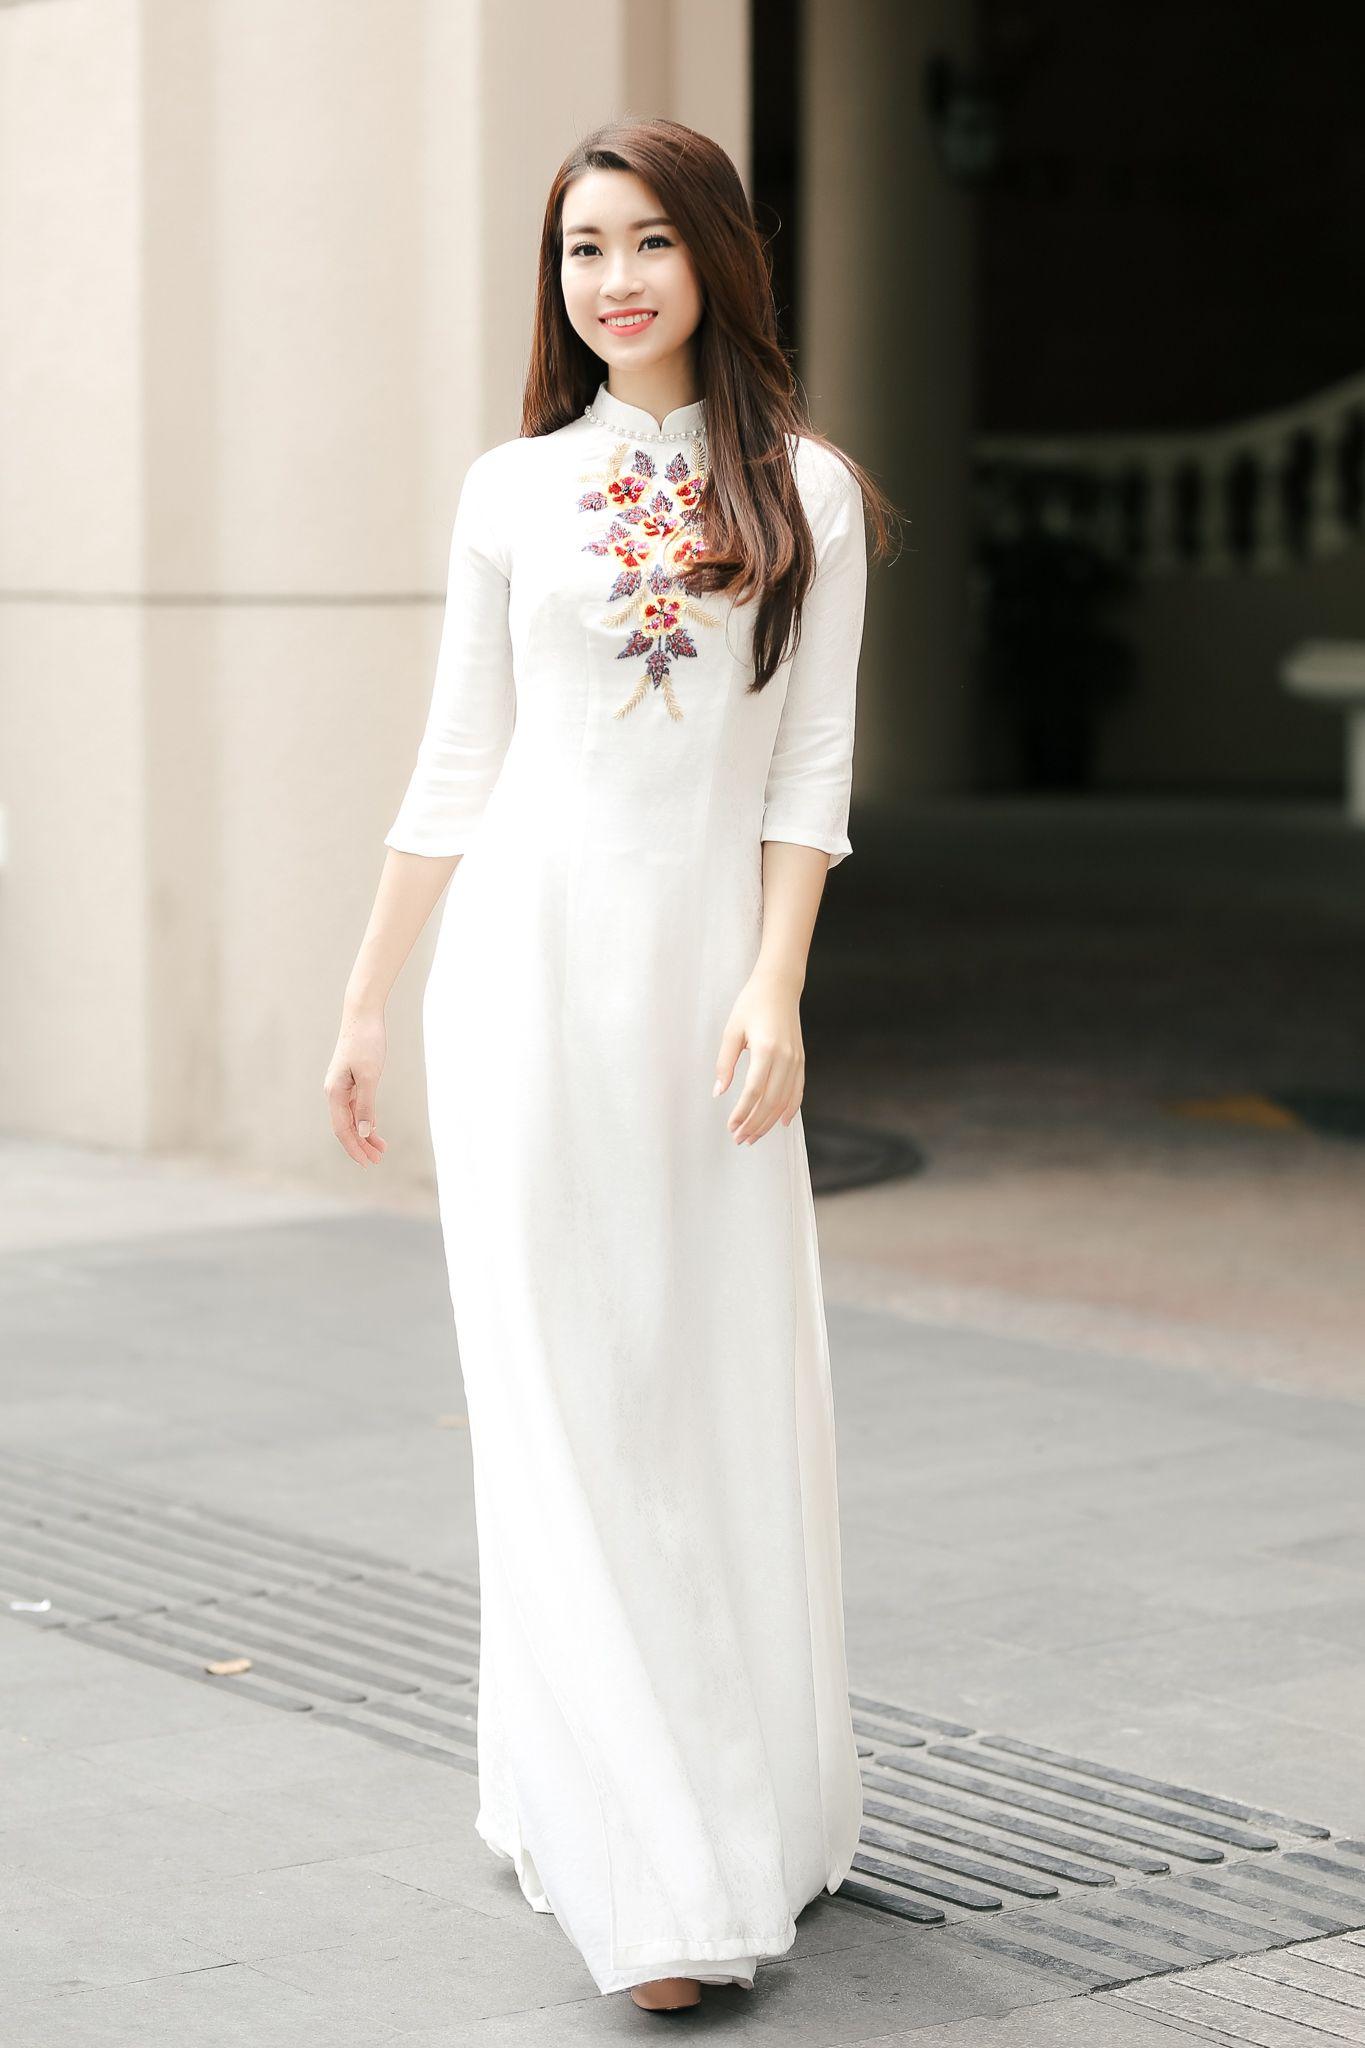 Hoa hậu Mỹ Linh giản dị trong tà áo dài trắng | Áo dài, Phong cách ...